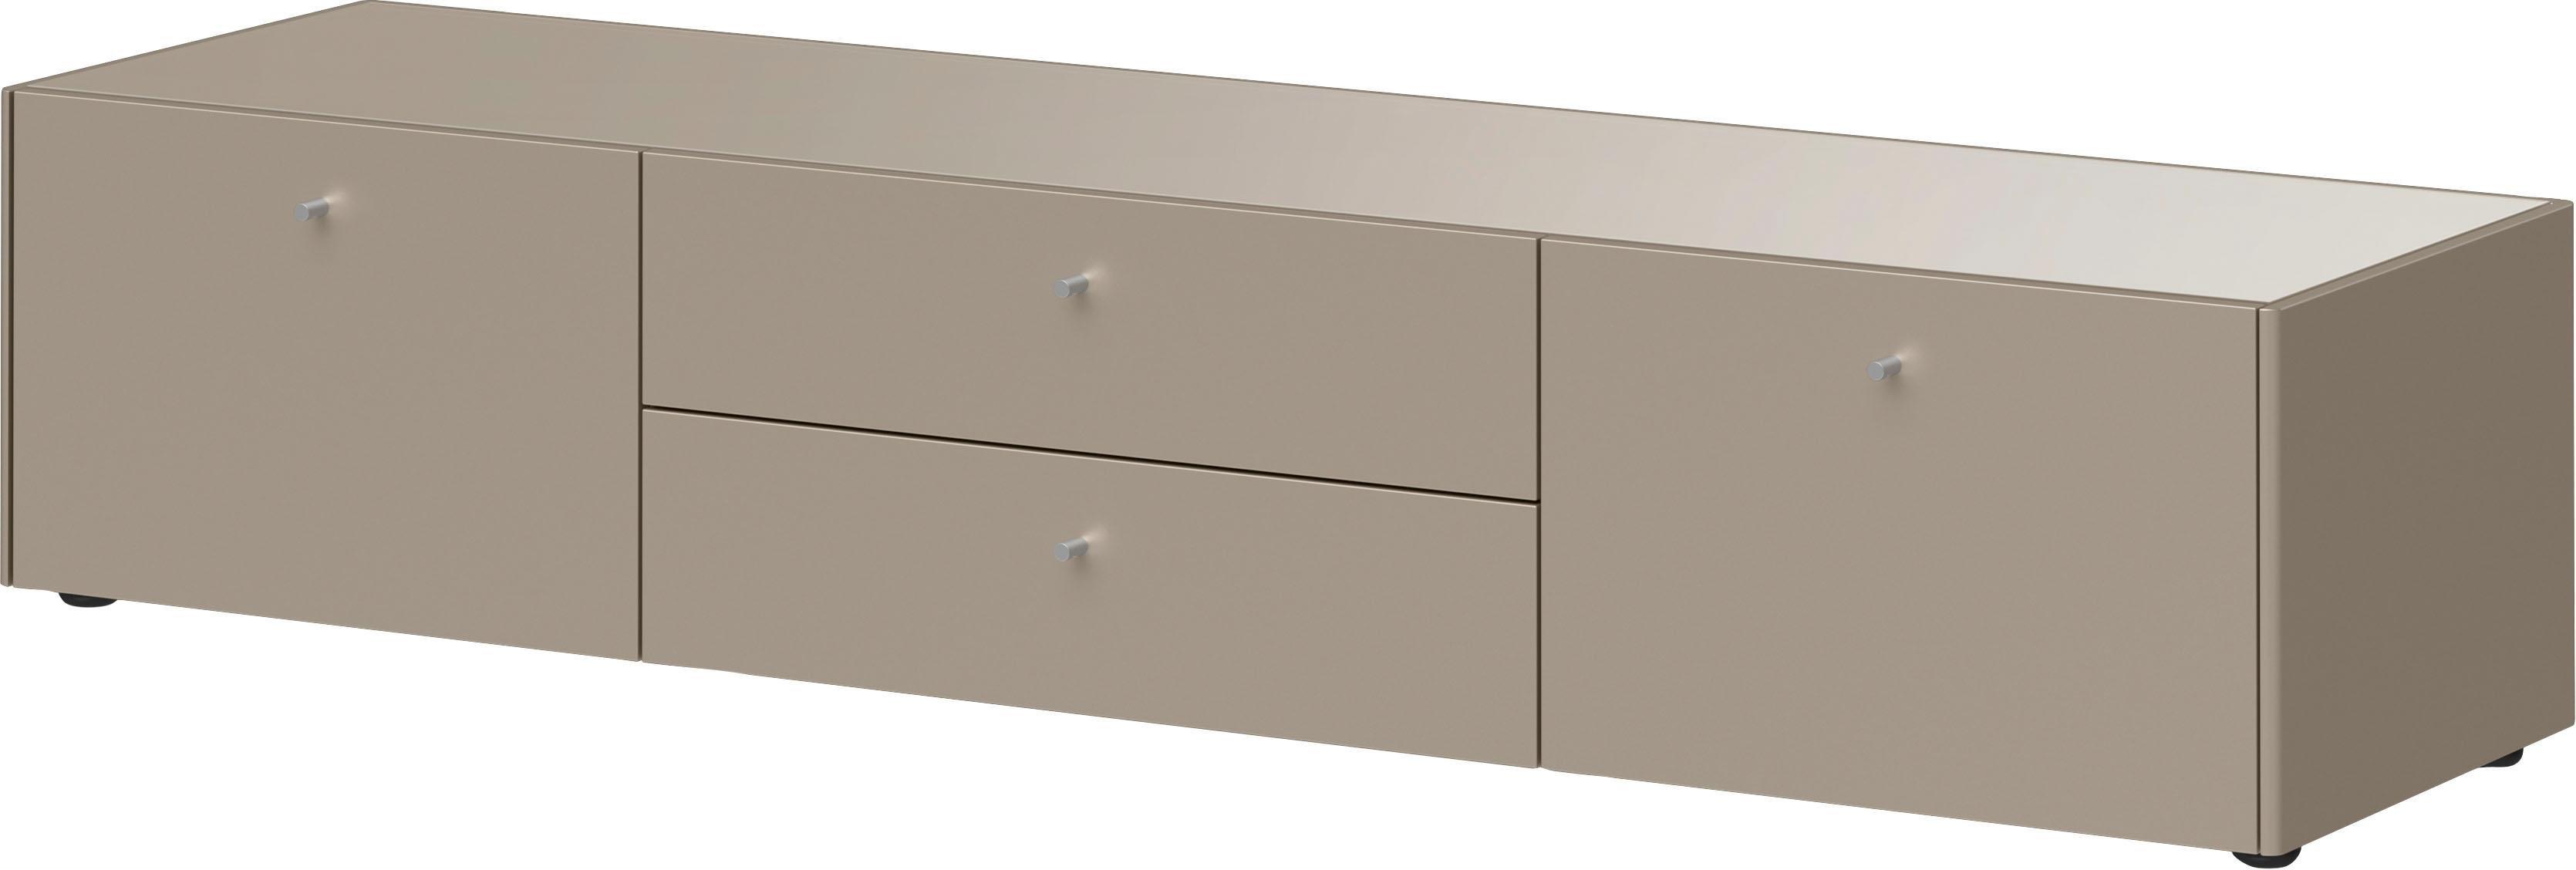 GERMANIA tv-meubel Monteo Breedte 178 cm goedkoop op otto.nl kopen